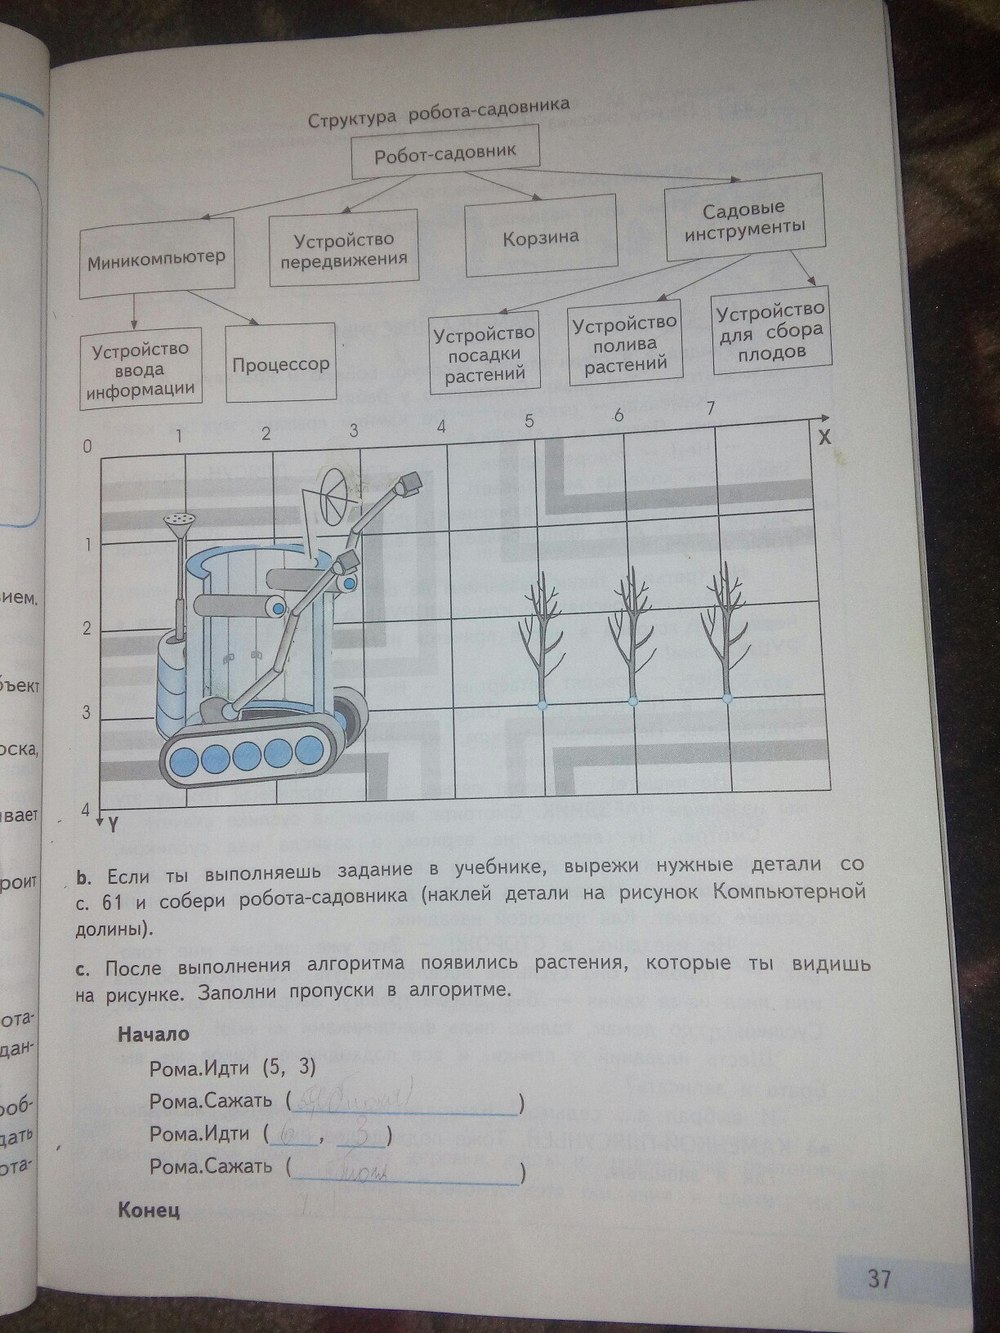 гдз по информатике 2 класс бененсон часть 1